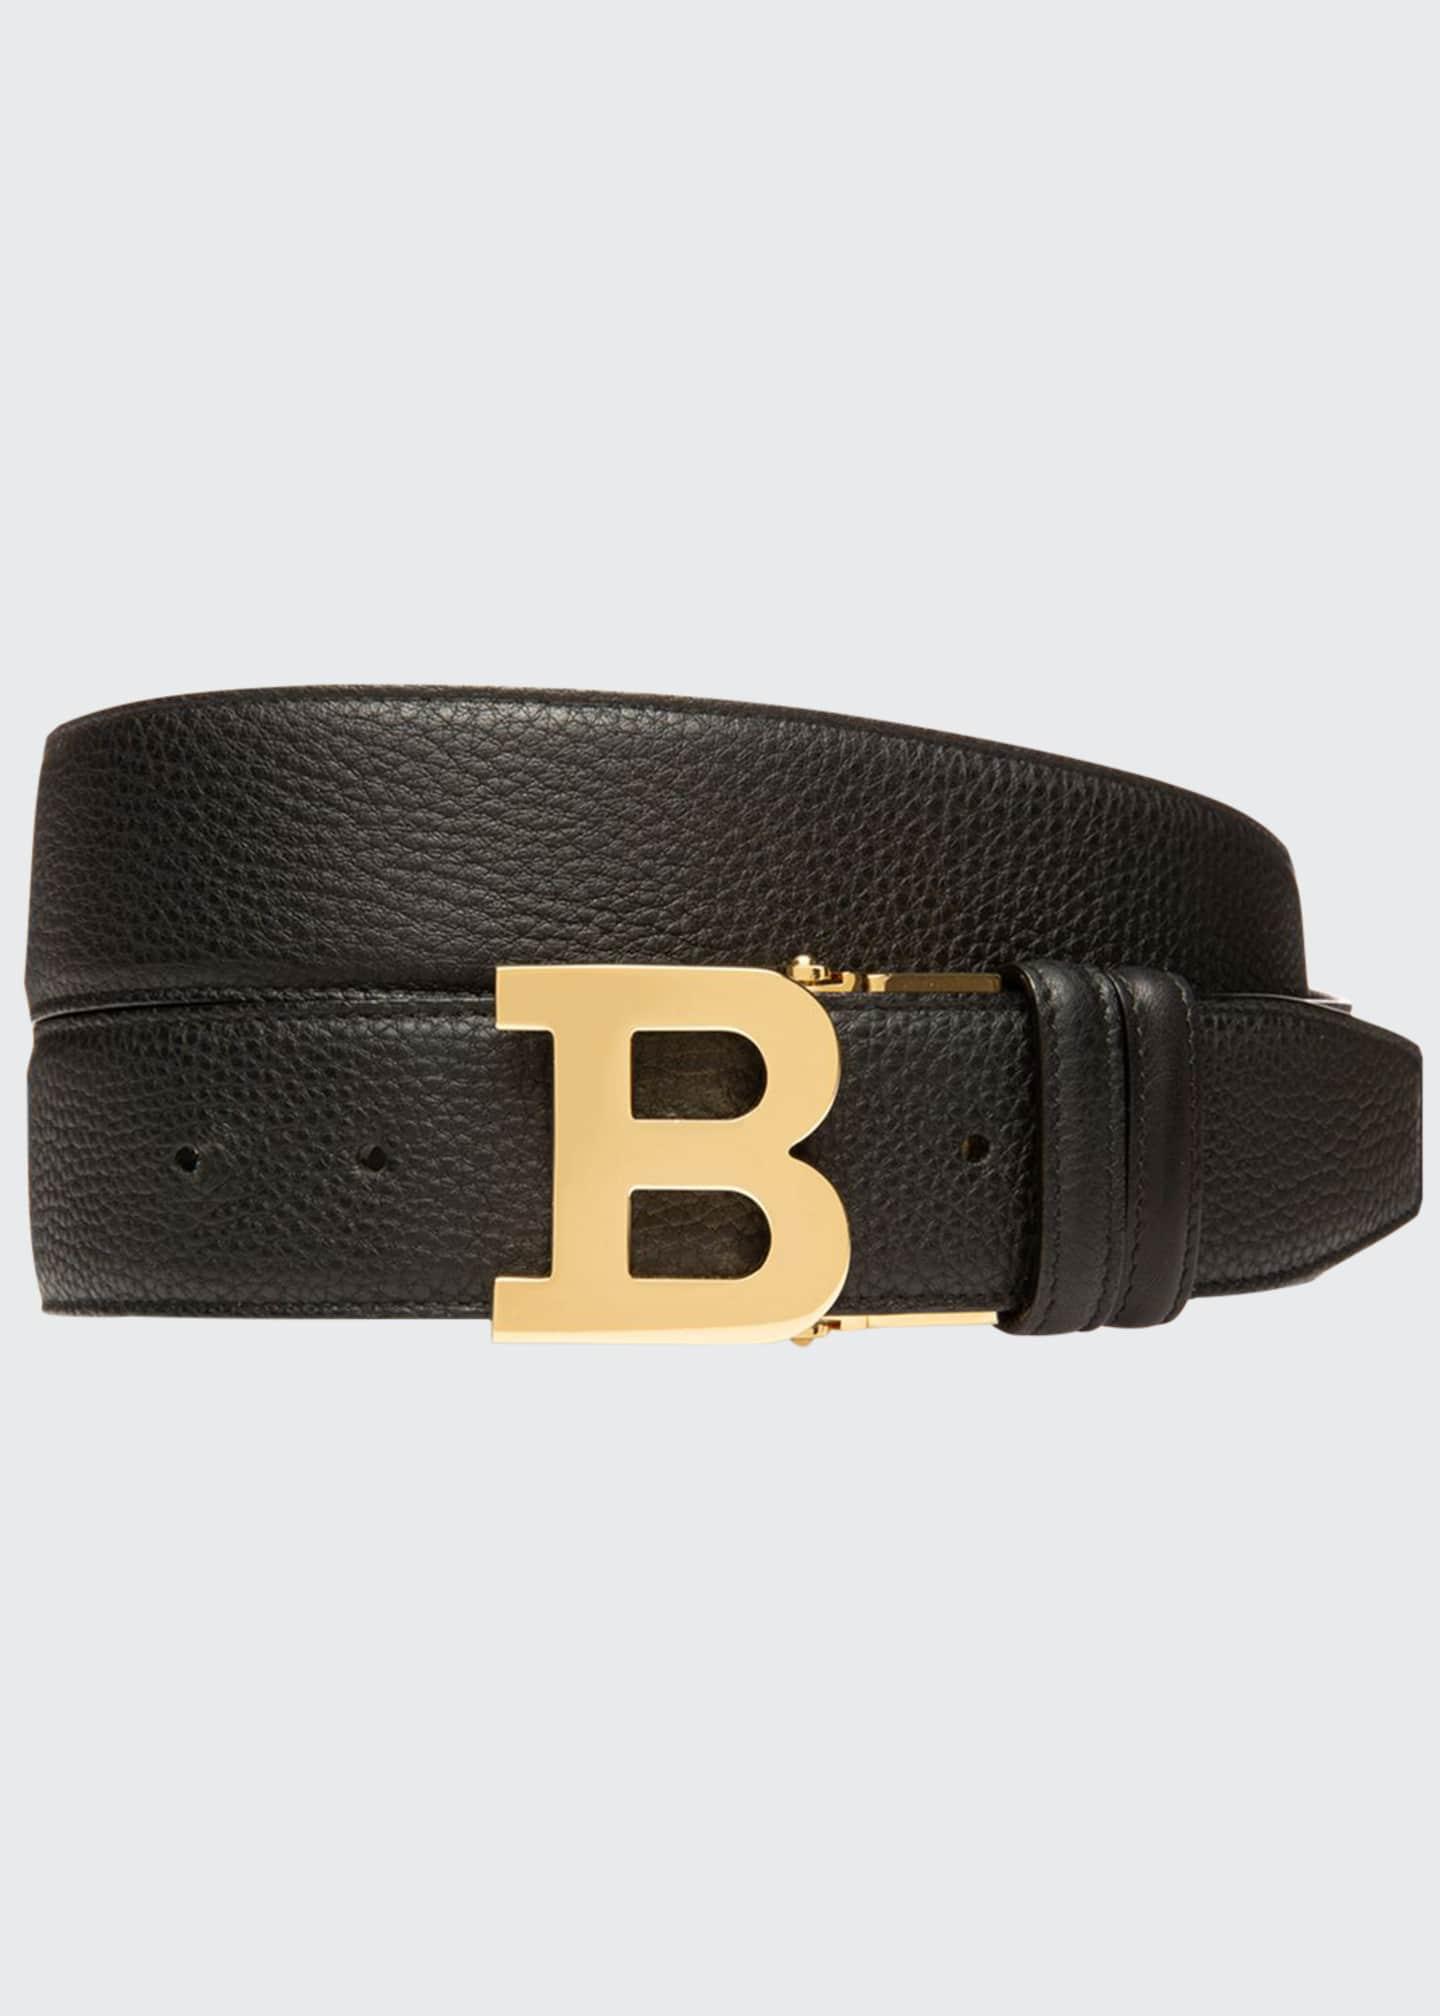 Bally Men's 40mm B-Buckle Leather Belt